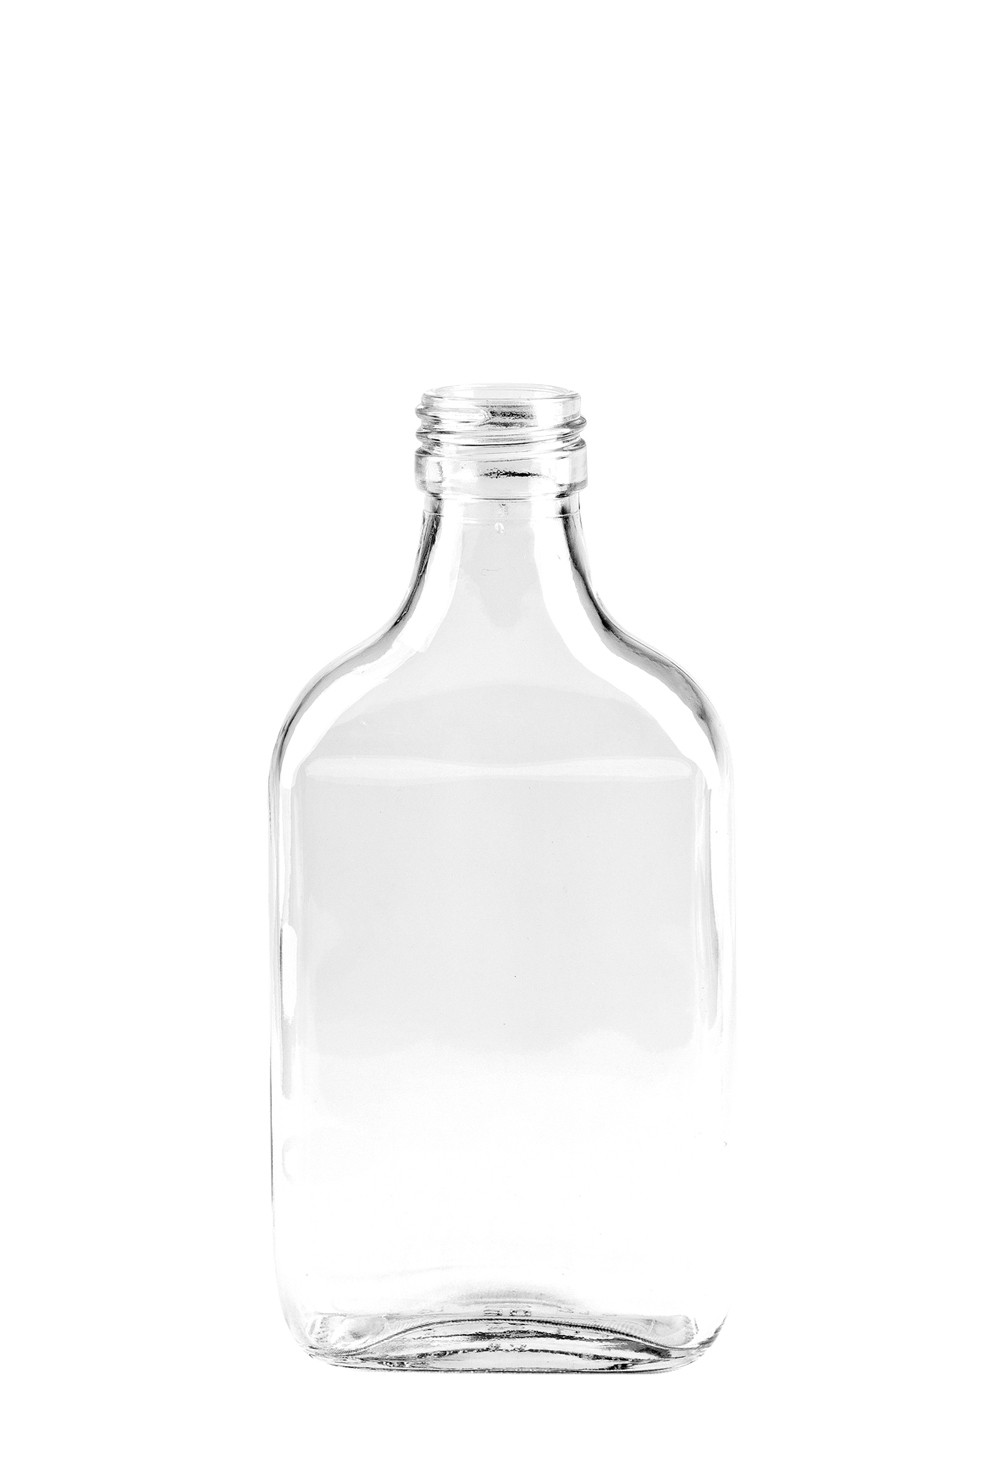 taschenflasche 200ml wei pp28 spirituosenflaschen flaschen flaschen ausstattung. Black Bedroom Furniture Sets. Home Design Ideas